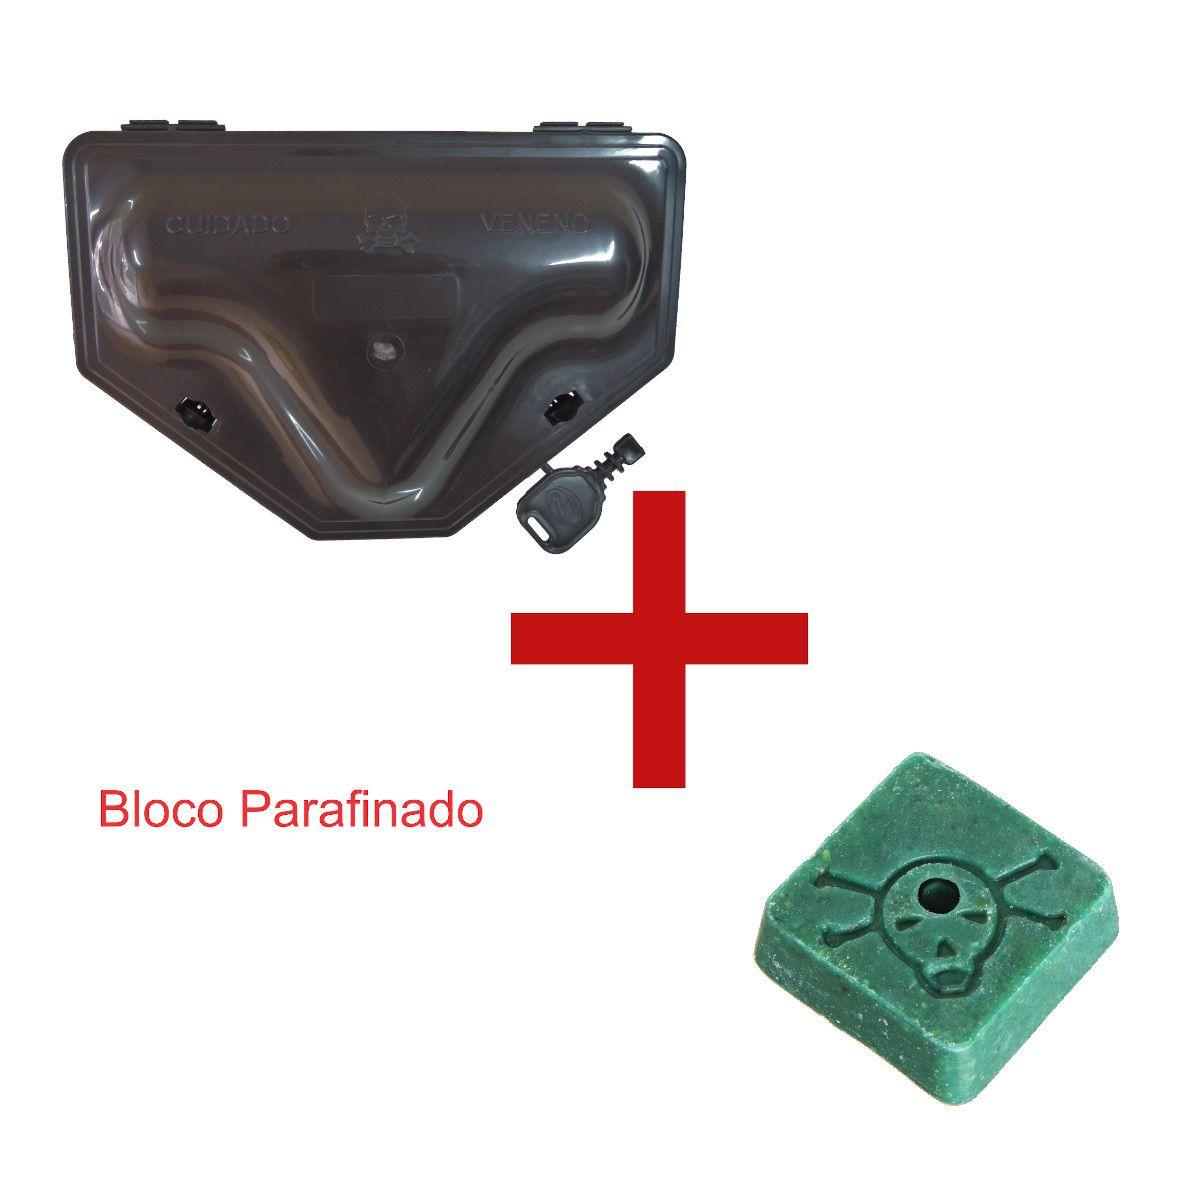 16 Porta Iscas C/ Duplo Travamento + 16 Bloco Parafinado